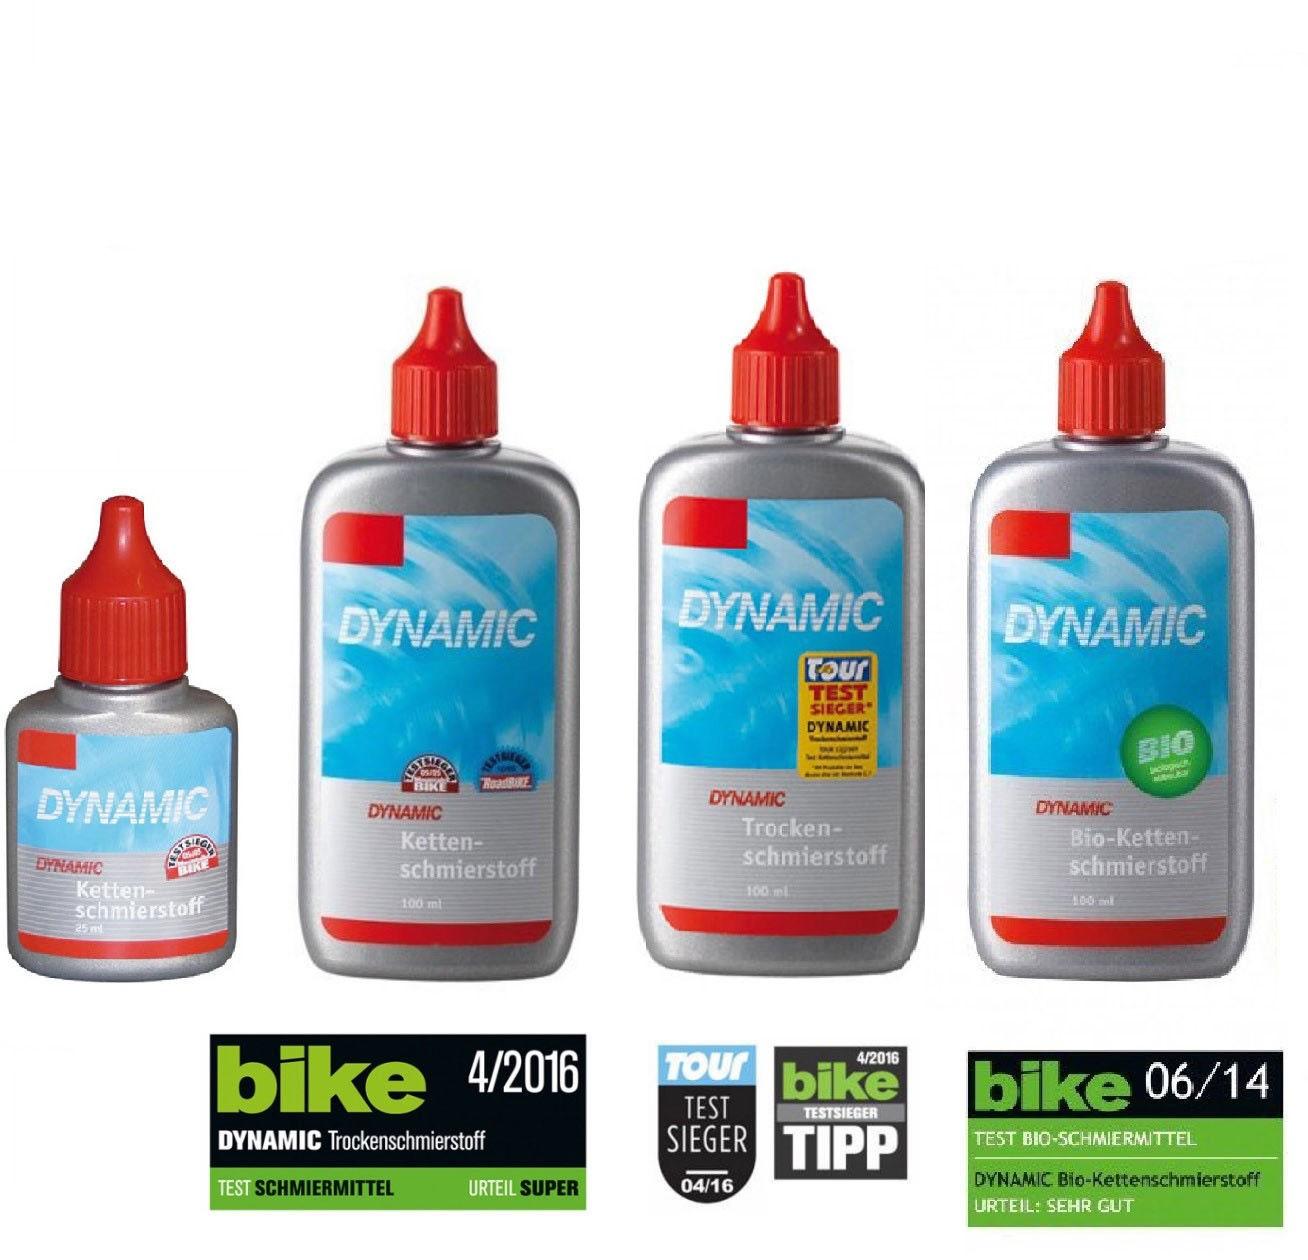 Dynamic Kettenschmierstoff F-040 Trockenschmierstoff bio Fahrrad Kettenöl chain